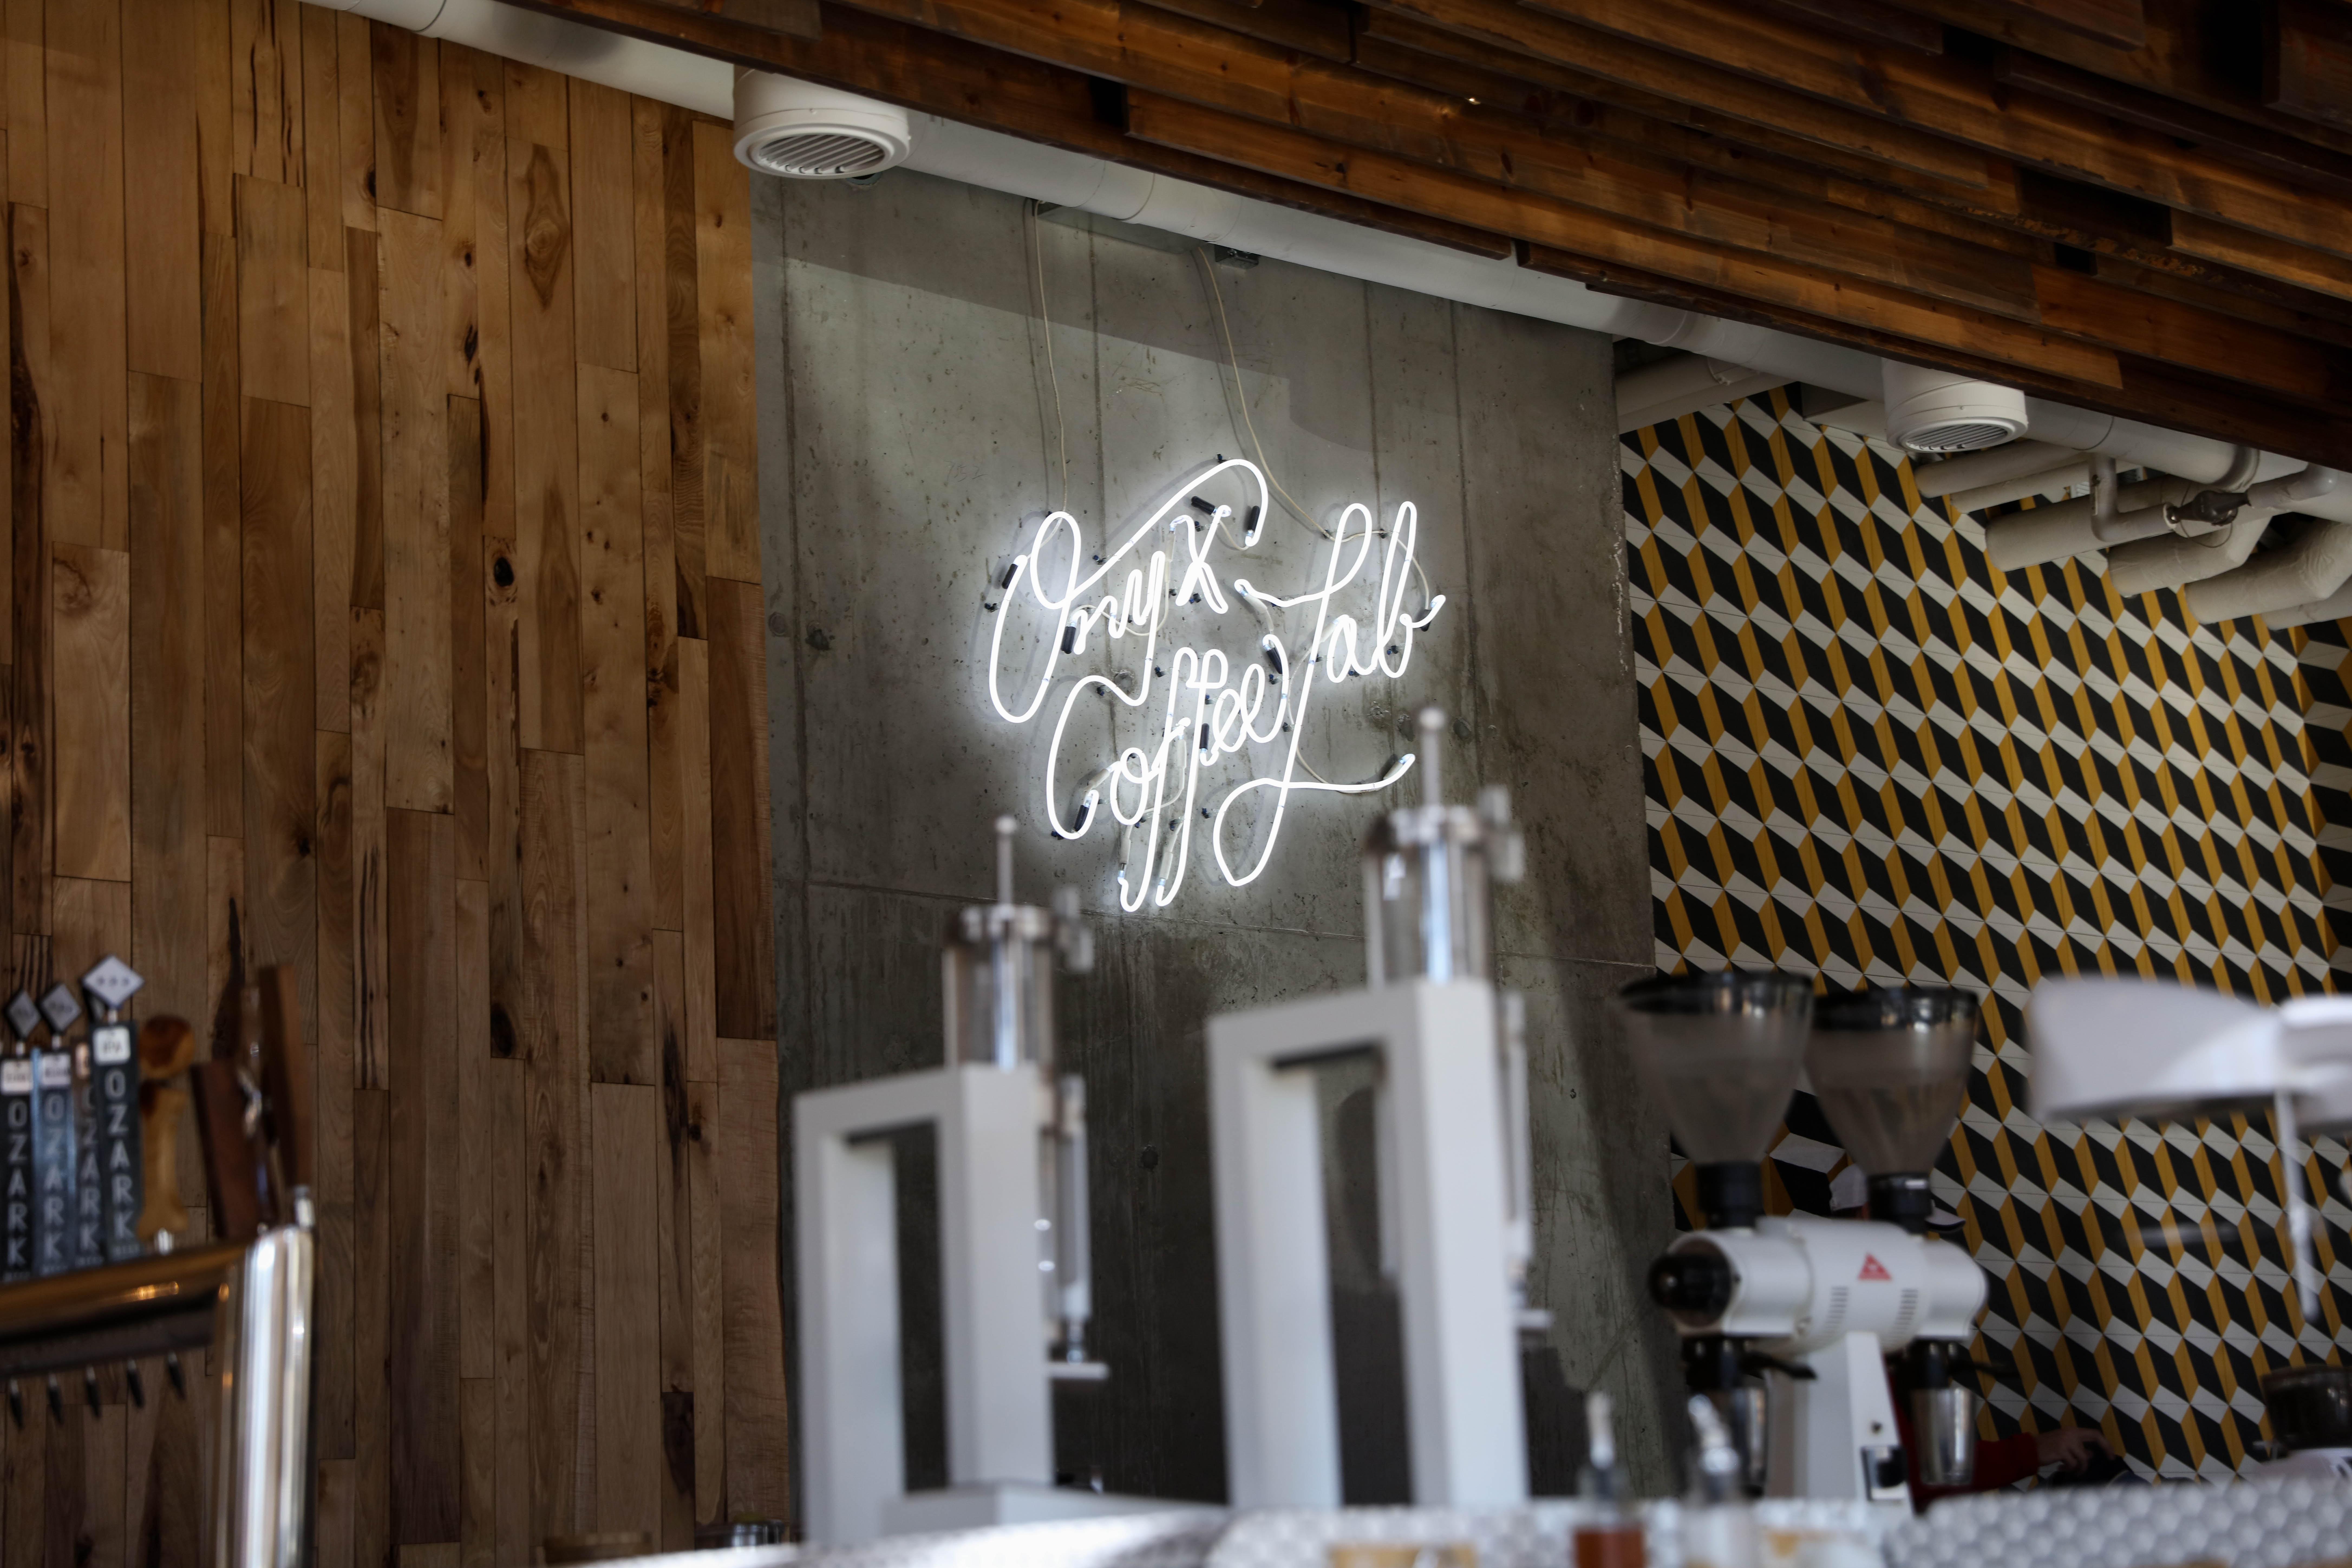 turned-on caffee lab LED signage